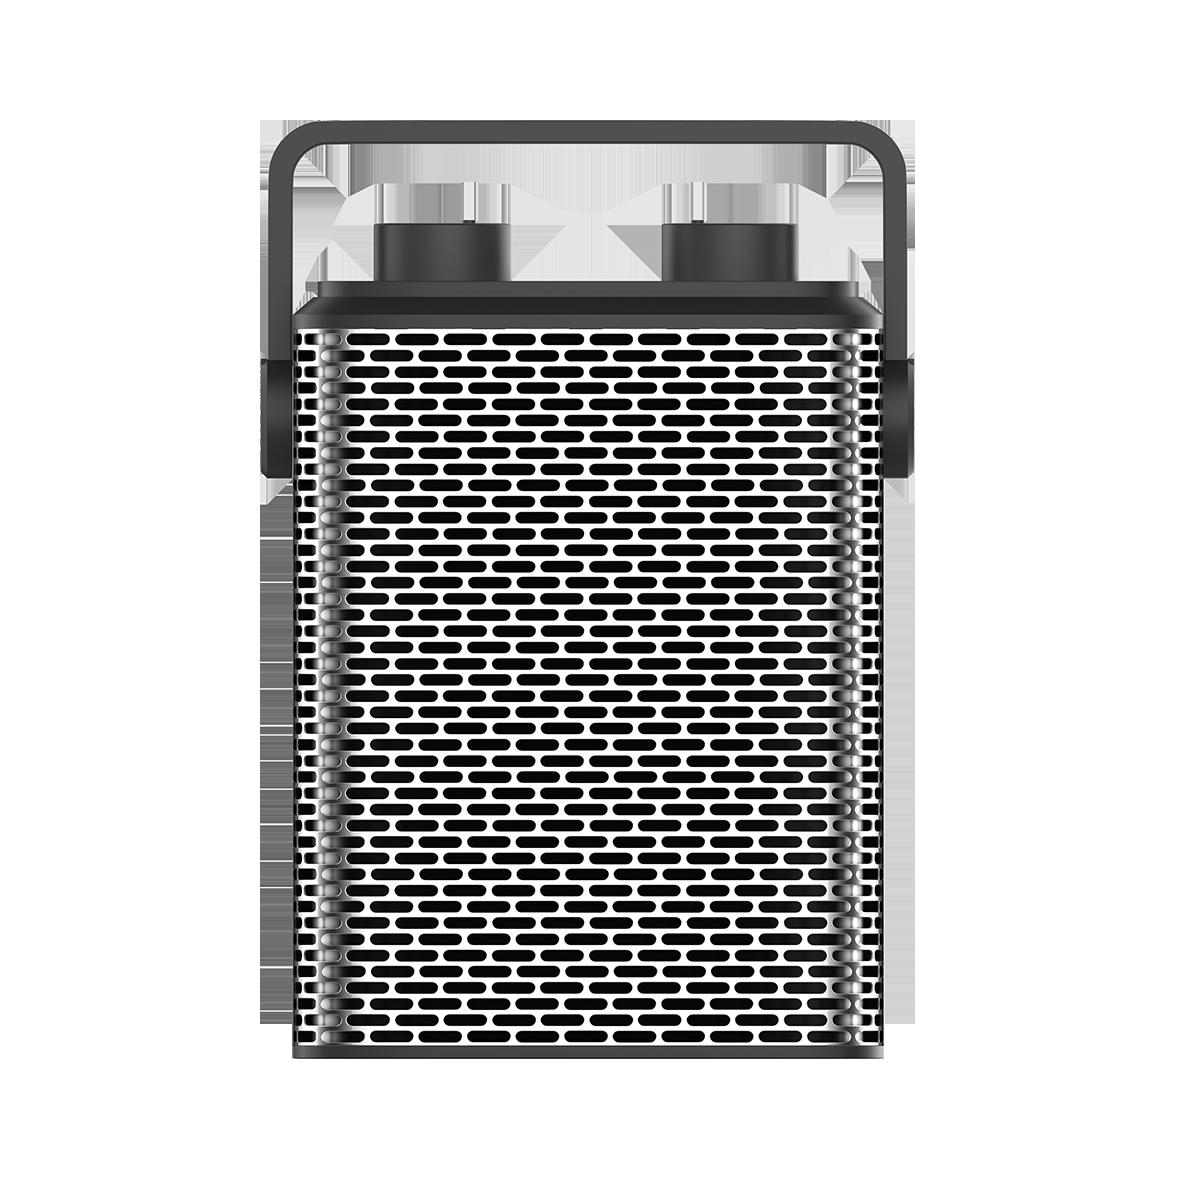 Тепловентилятор  Timberk TFH T15PDS.BОбогреватели<br><br><br>Тип: термовентилятор<br>Тип нагревательного элемента: керамический нагреватель<br>Площадь обогрева, кв.м: 15<br>Вентиляция без нагрева: есть<br>Отключение при перегреве: есть<br>Вентилятор : есть<br>Управление: механическое<br>Напольная установка: есть<br>Ручка для перемещения: есть<br>Напряжение: 220/230 В